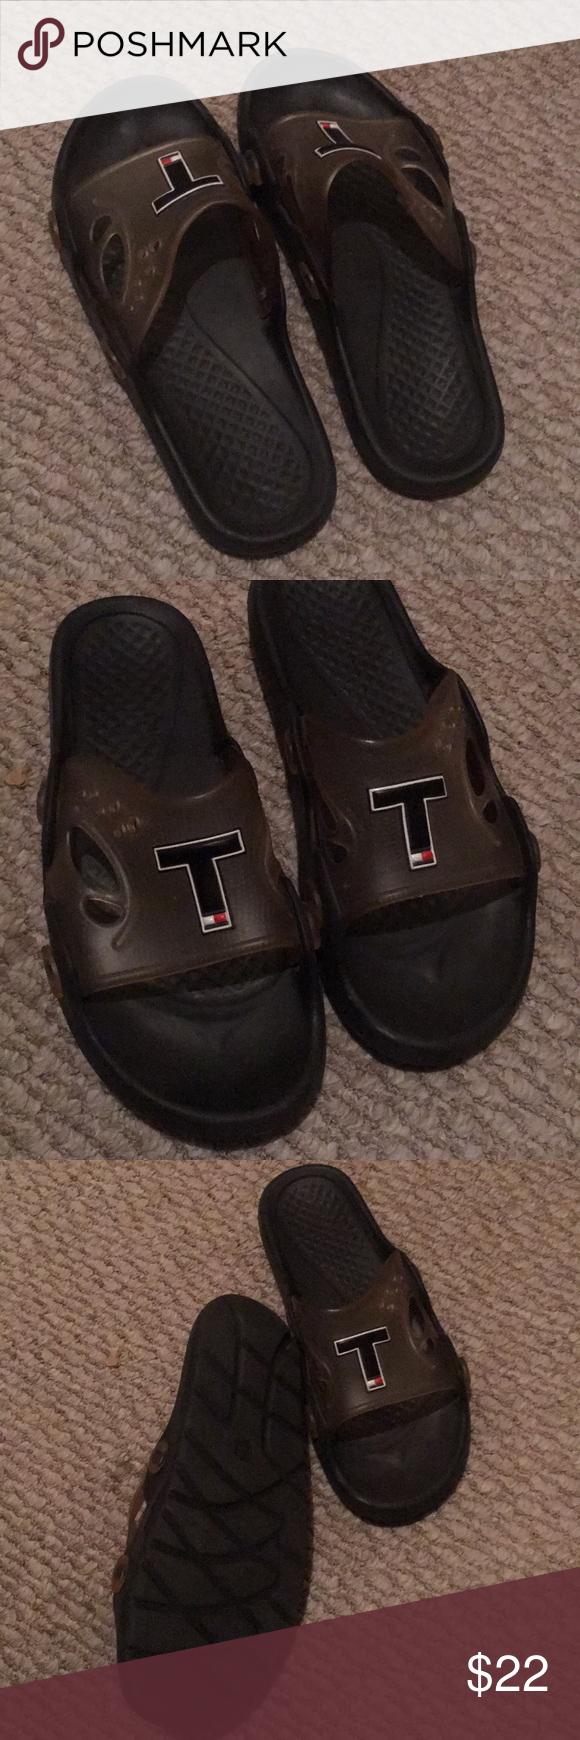 313e02000 Tommy Hilfiger men s slides Tommy Hilfiger men s slides sandals worn few  times size 10 Tommy Hilfiger Shoes Sandals   Flip-Flops